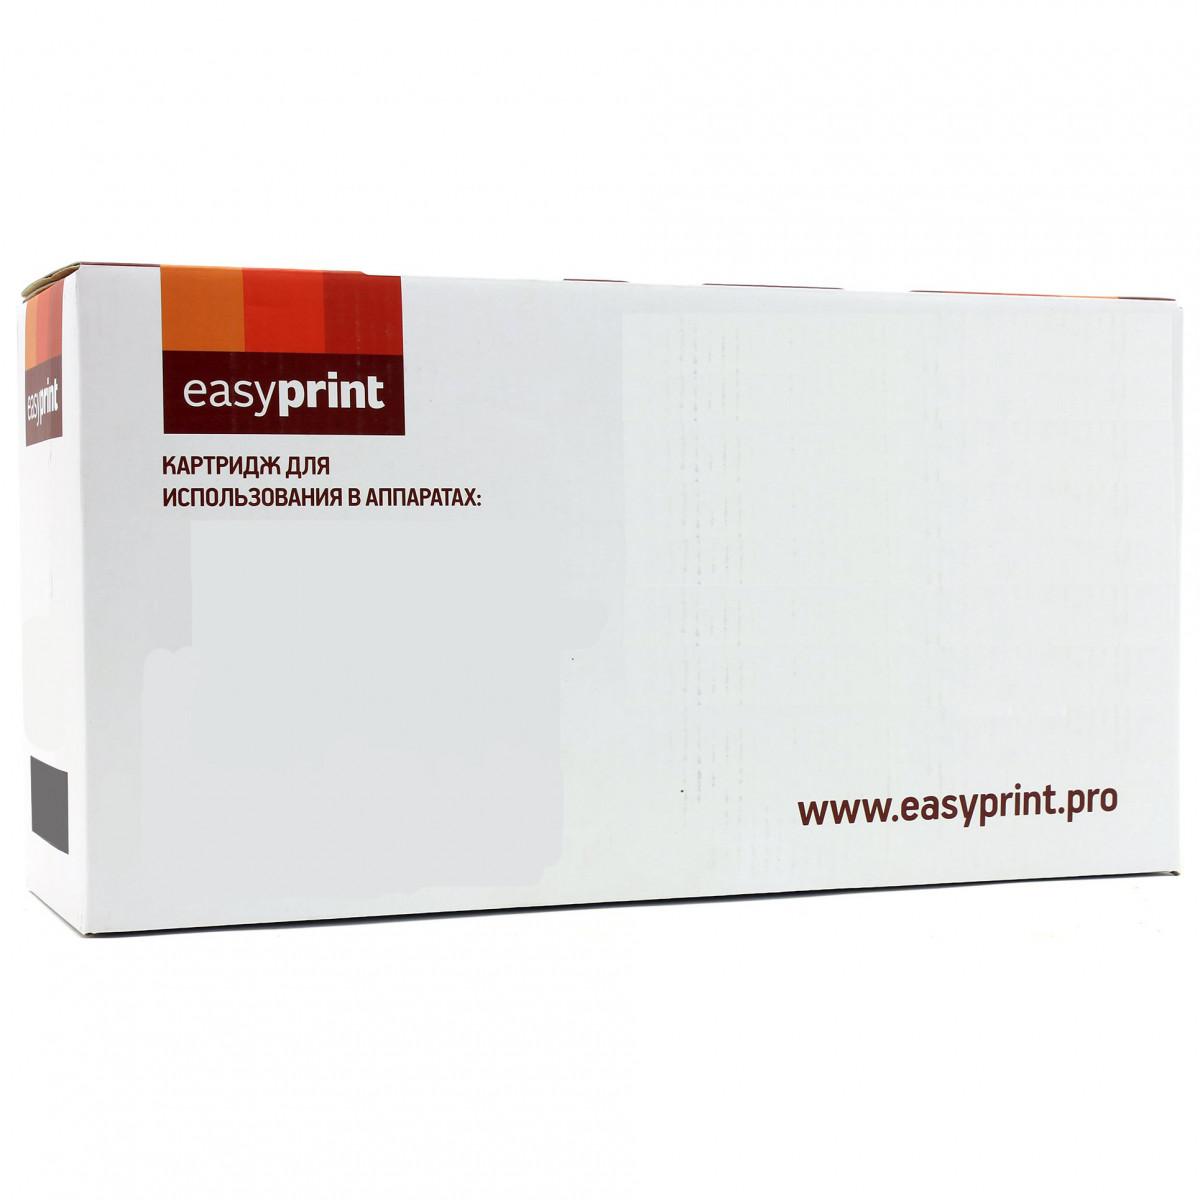 Картридж EasyPrint 006R01179 для Xerox